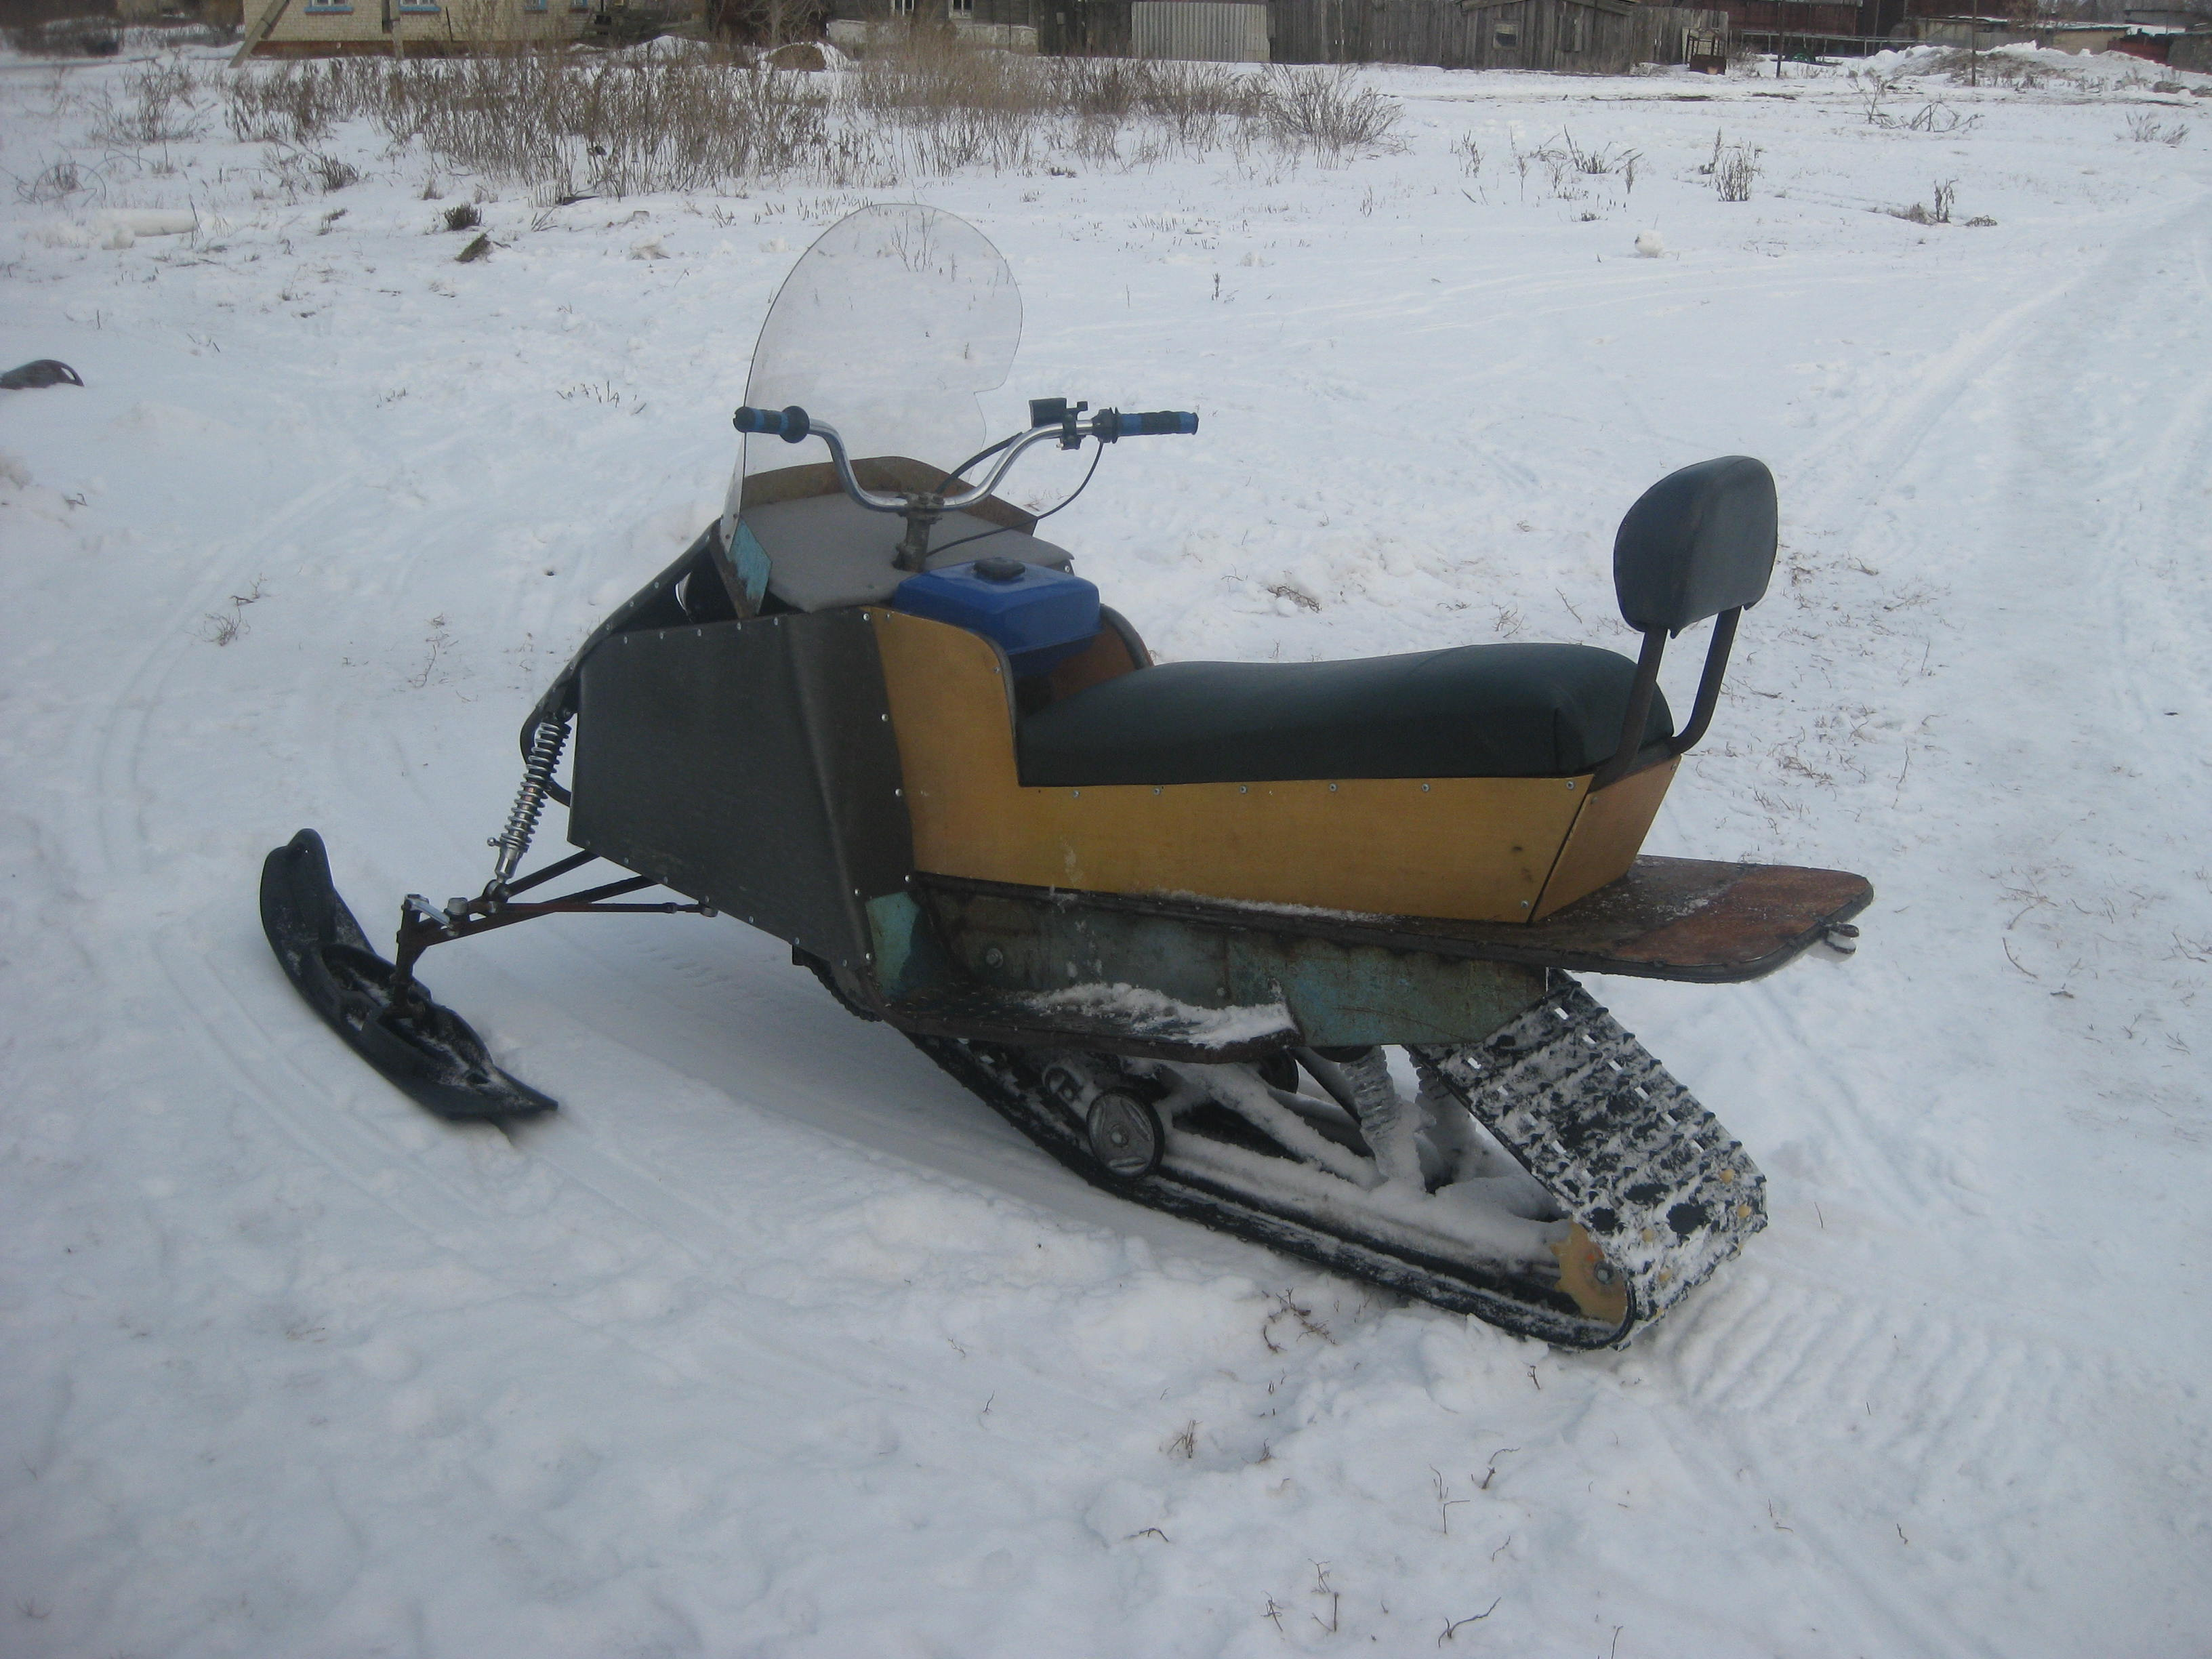 Как сделать склизовую подвеску на снегоходе 127